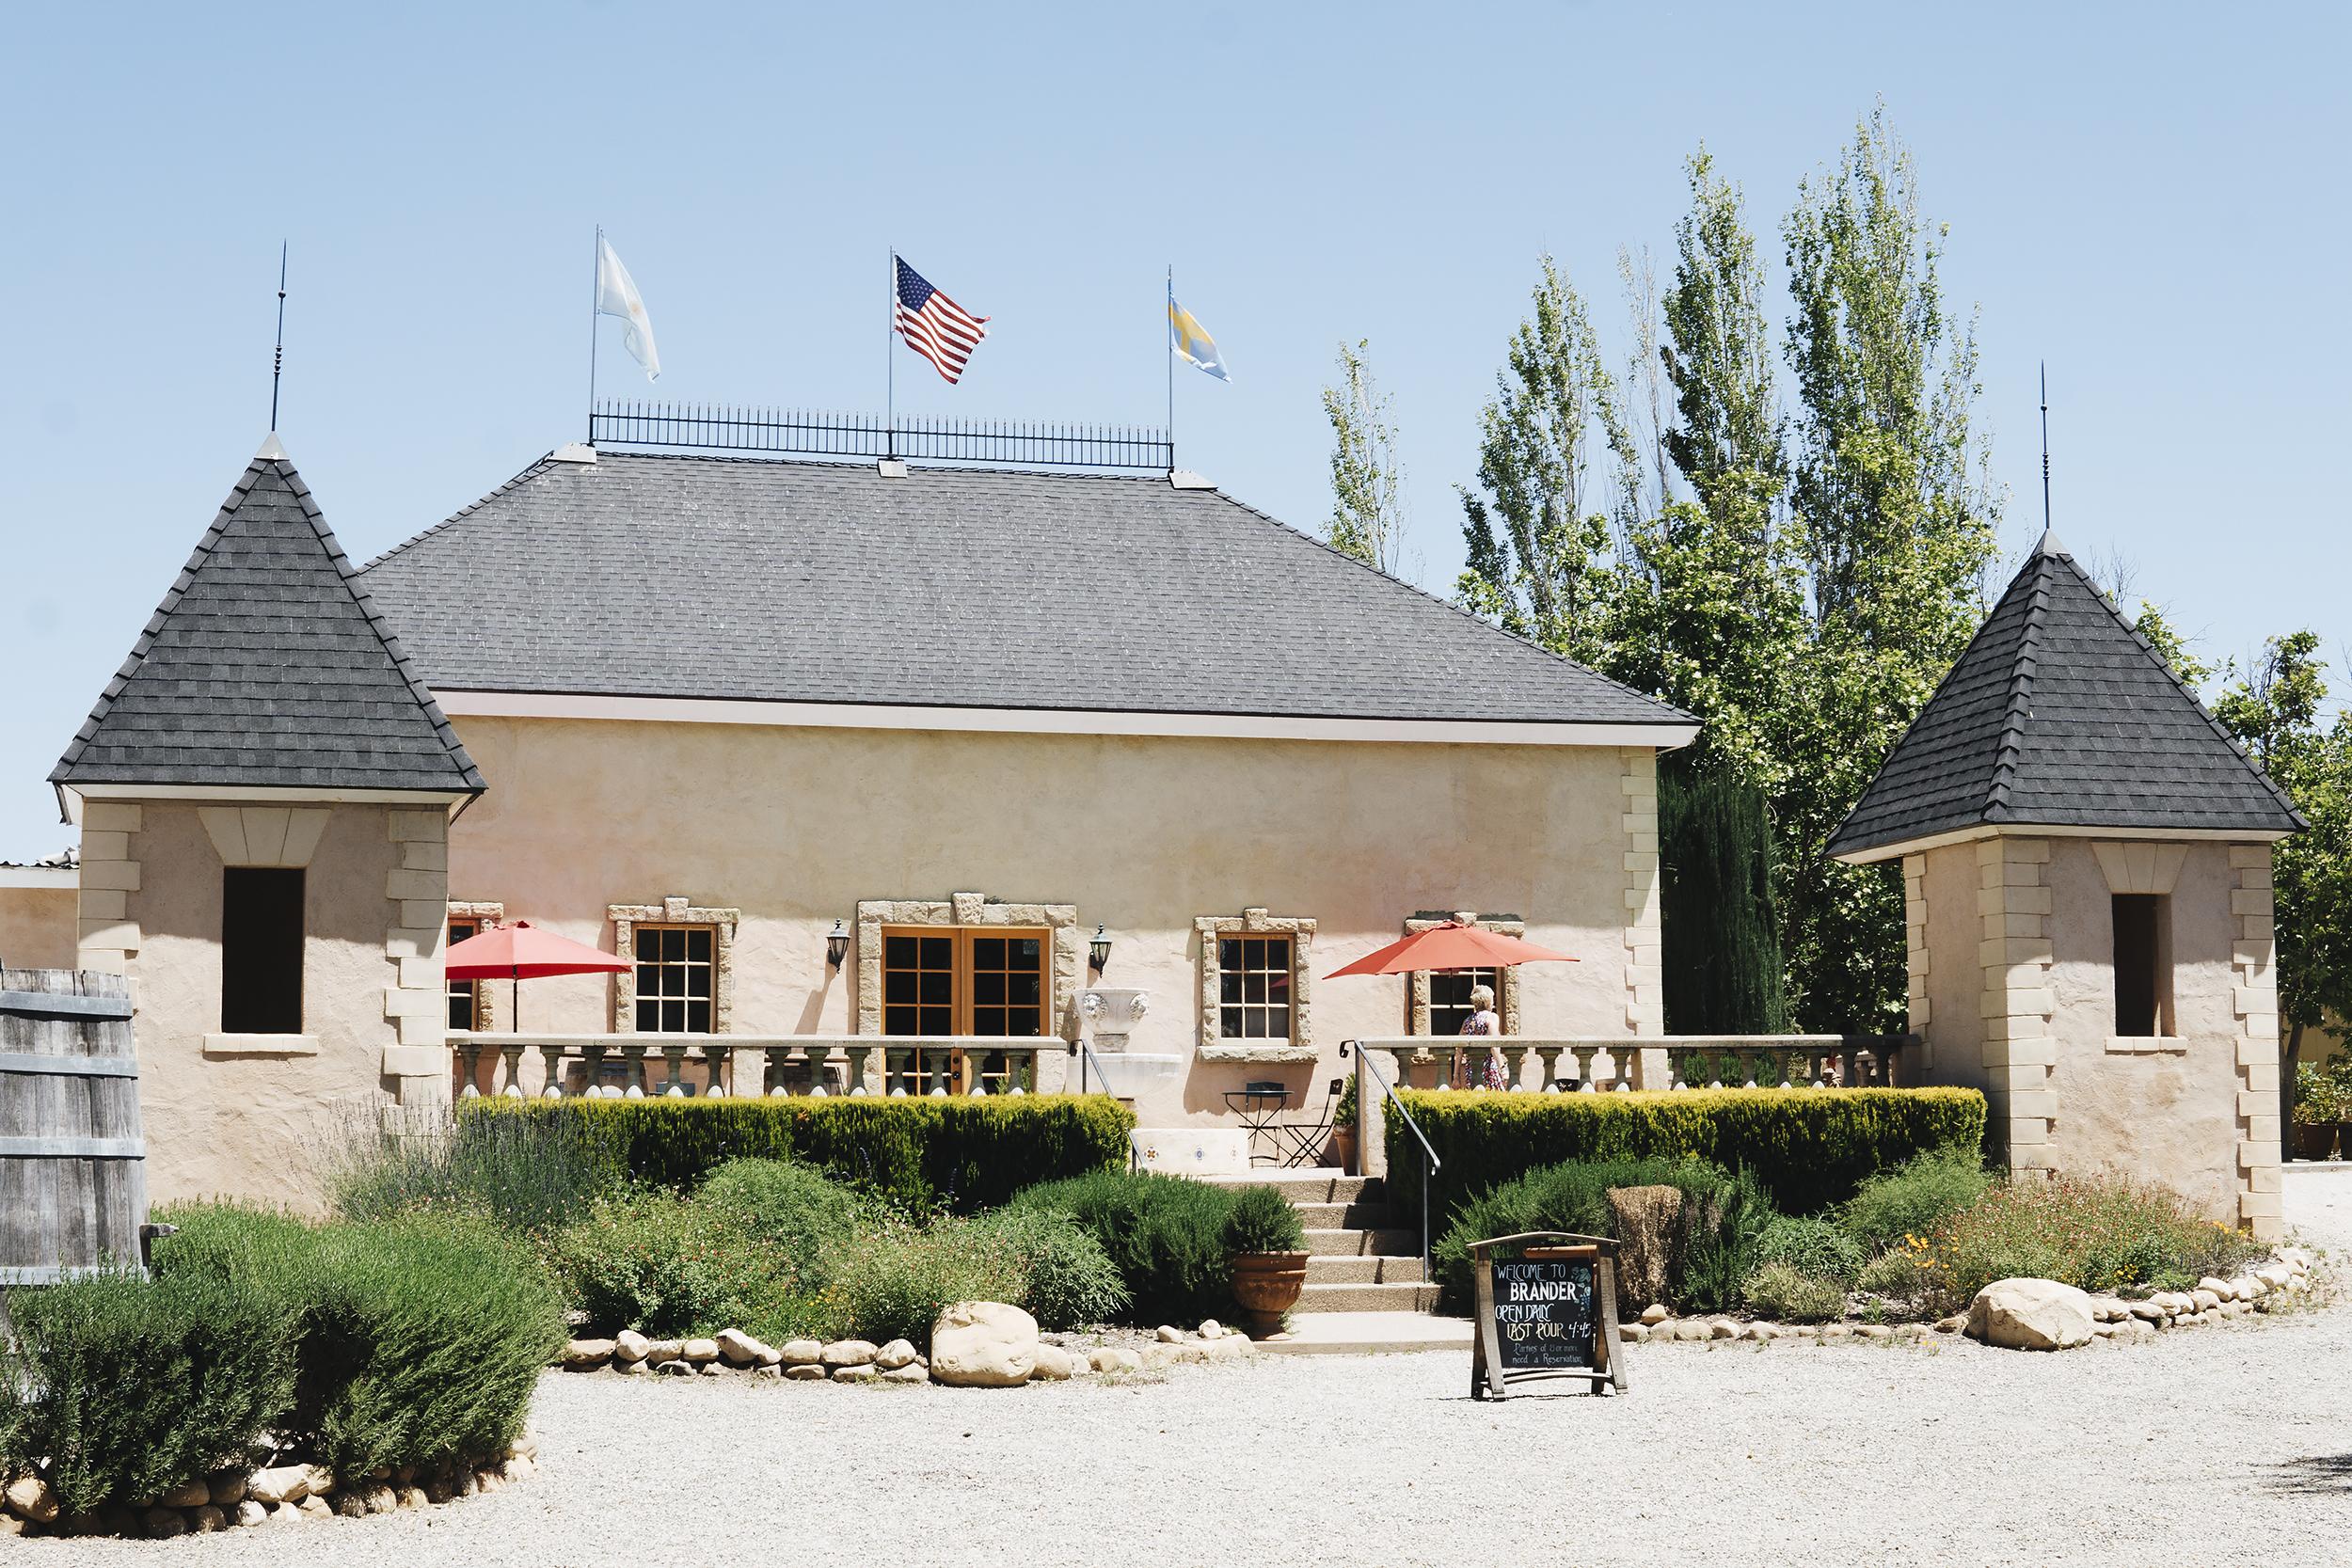 Brander Winery